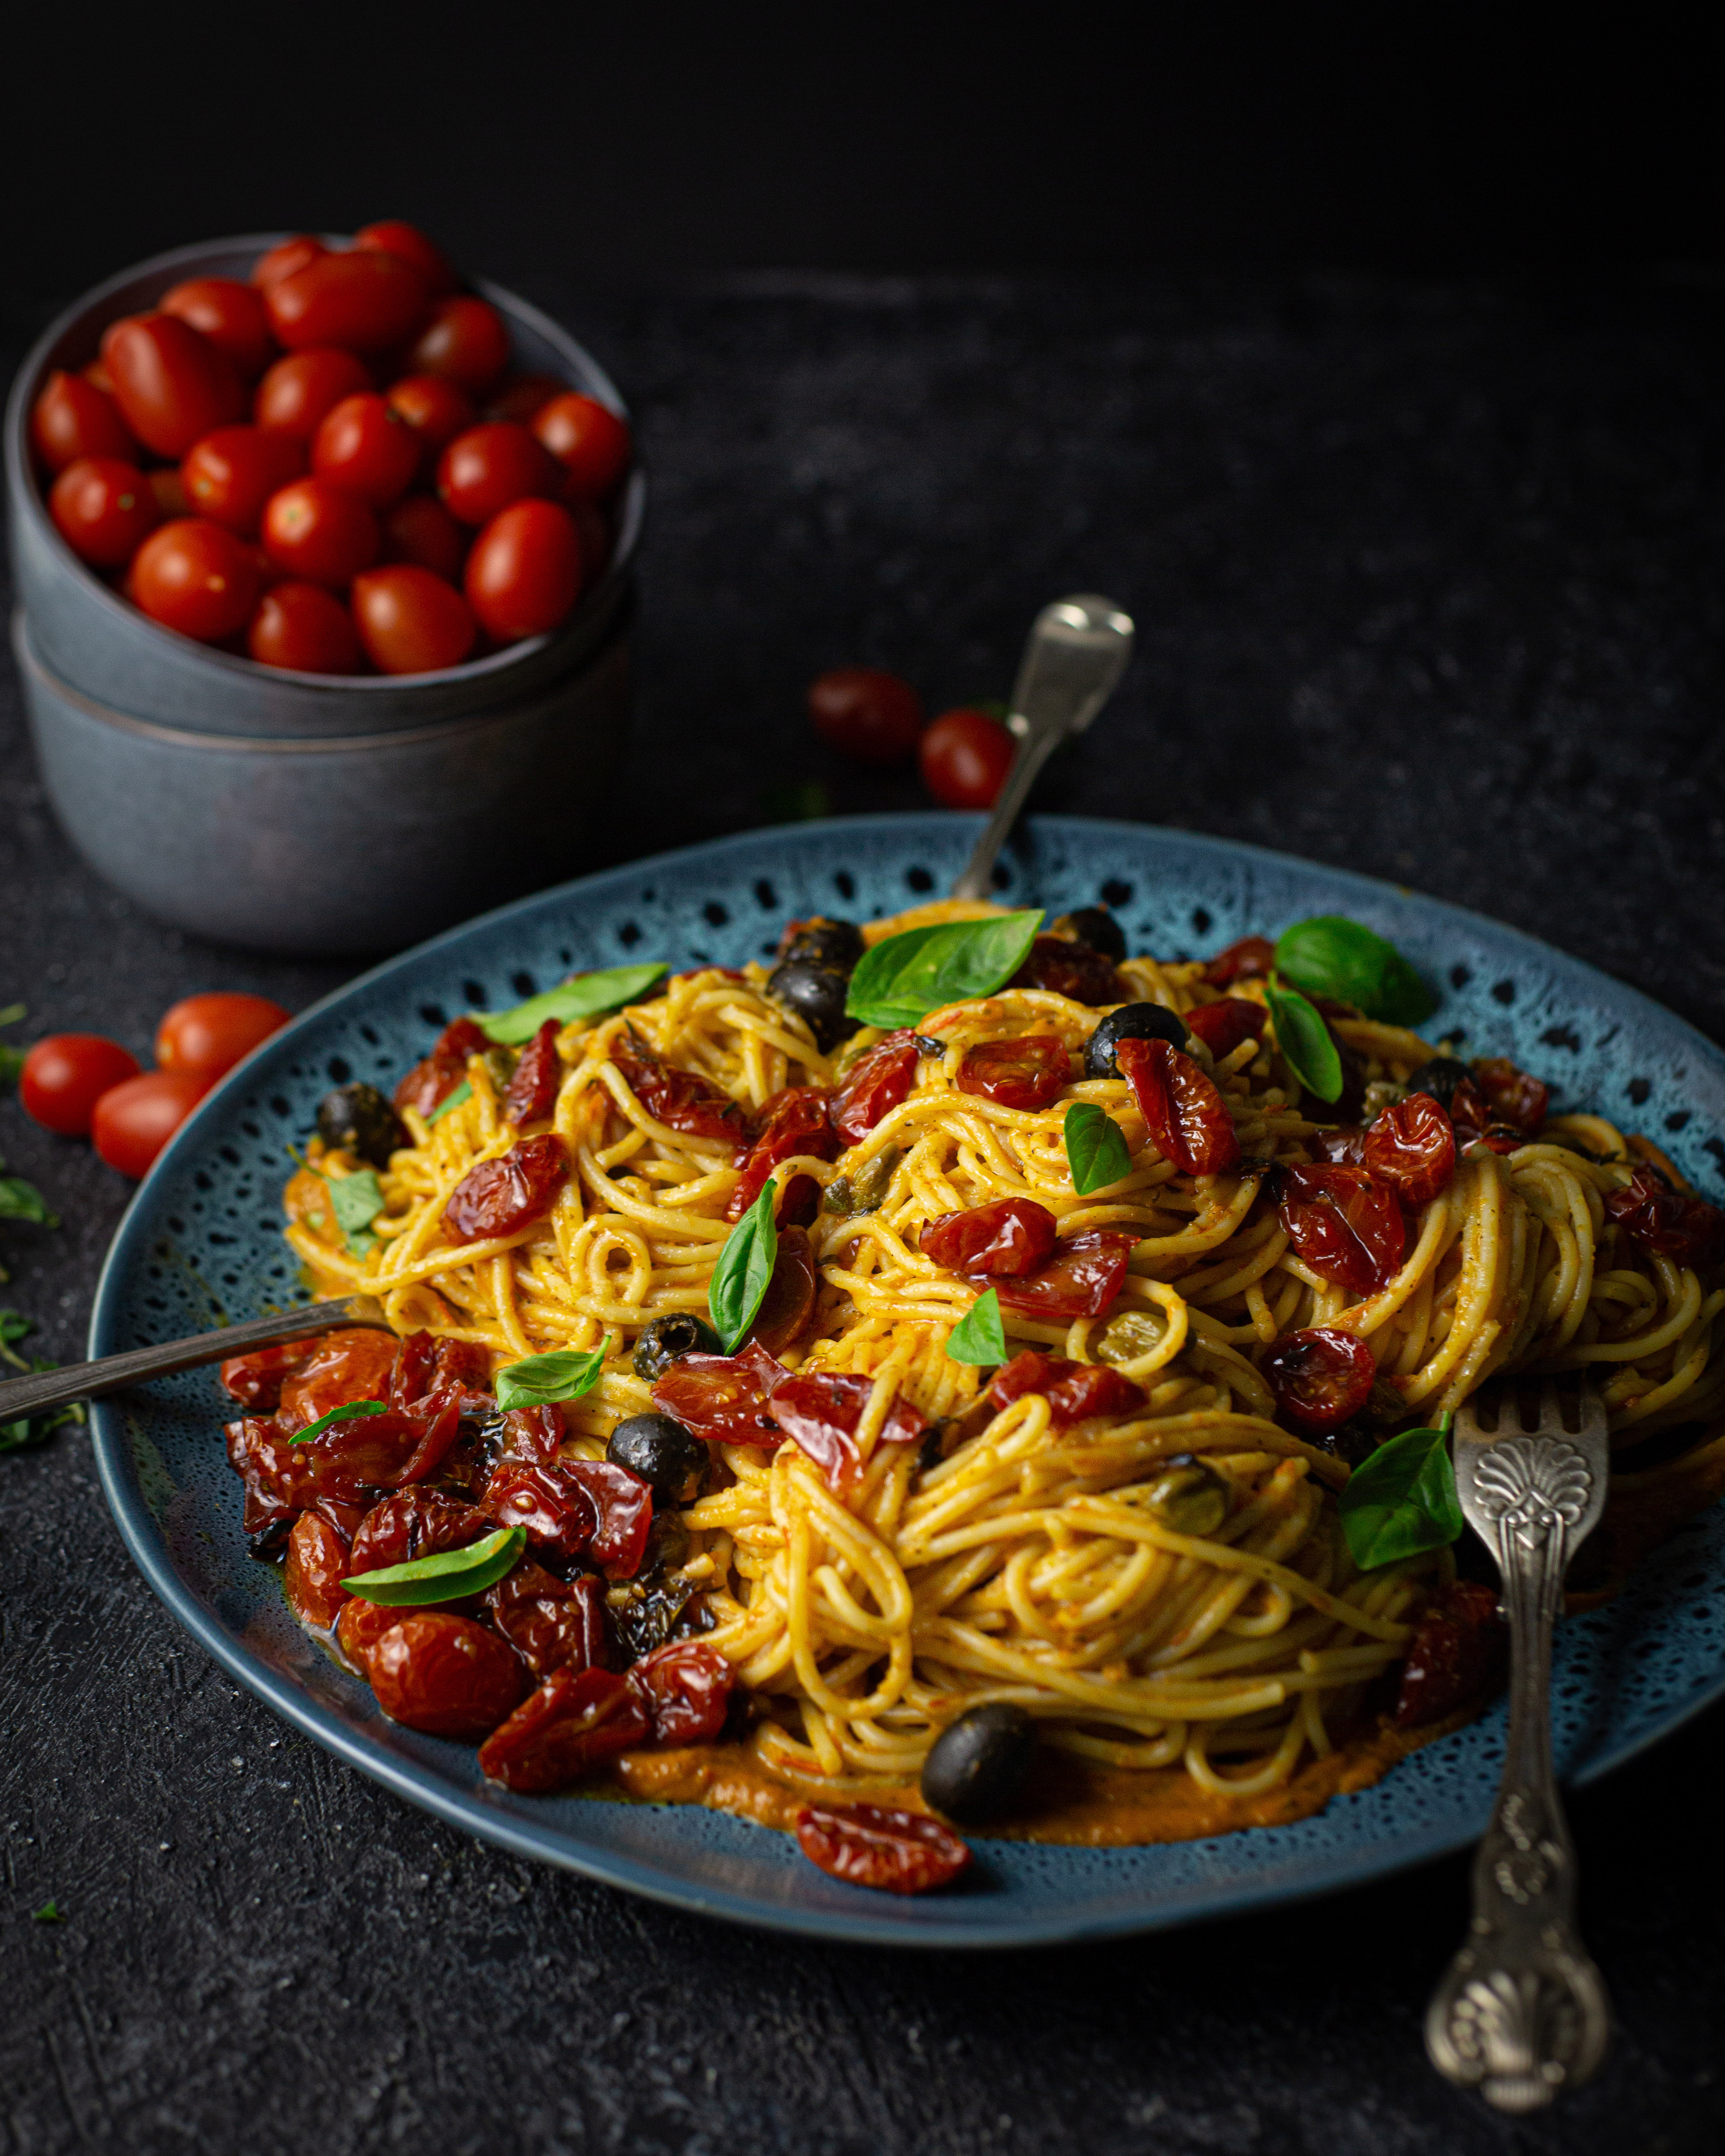 Tomato two way spaghetti